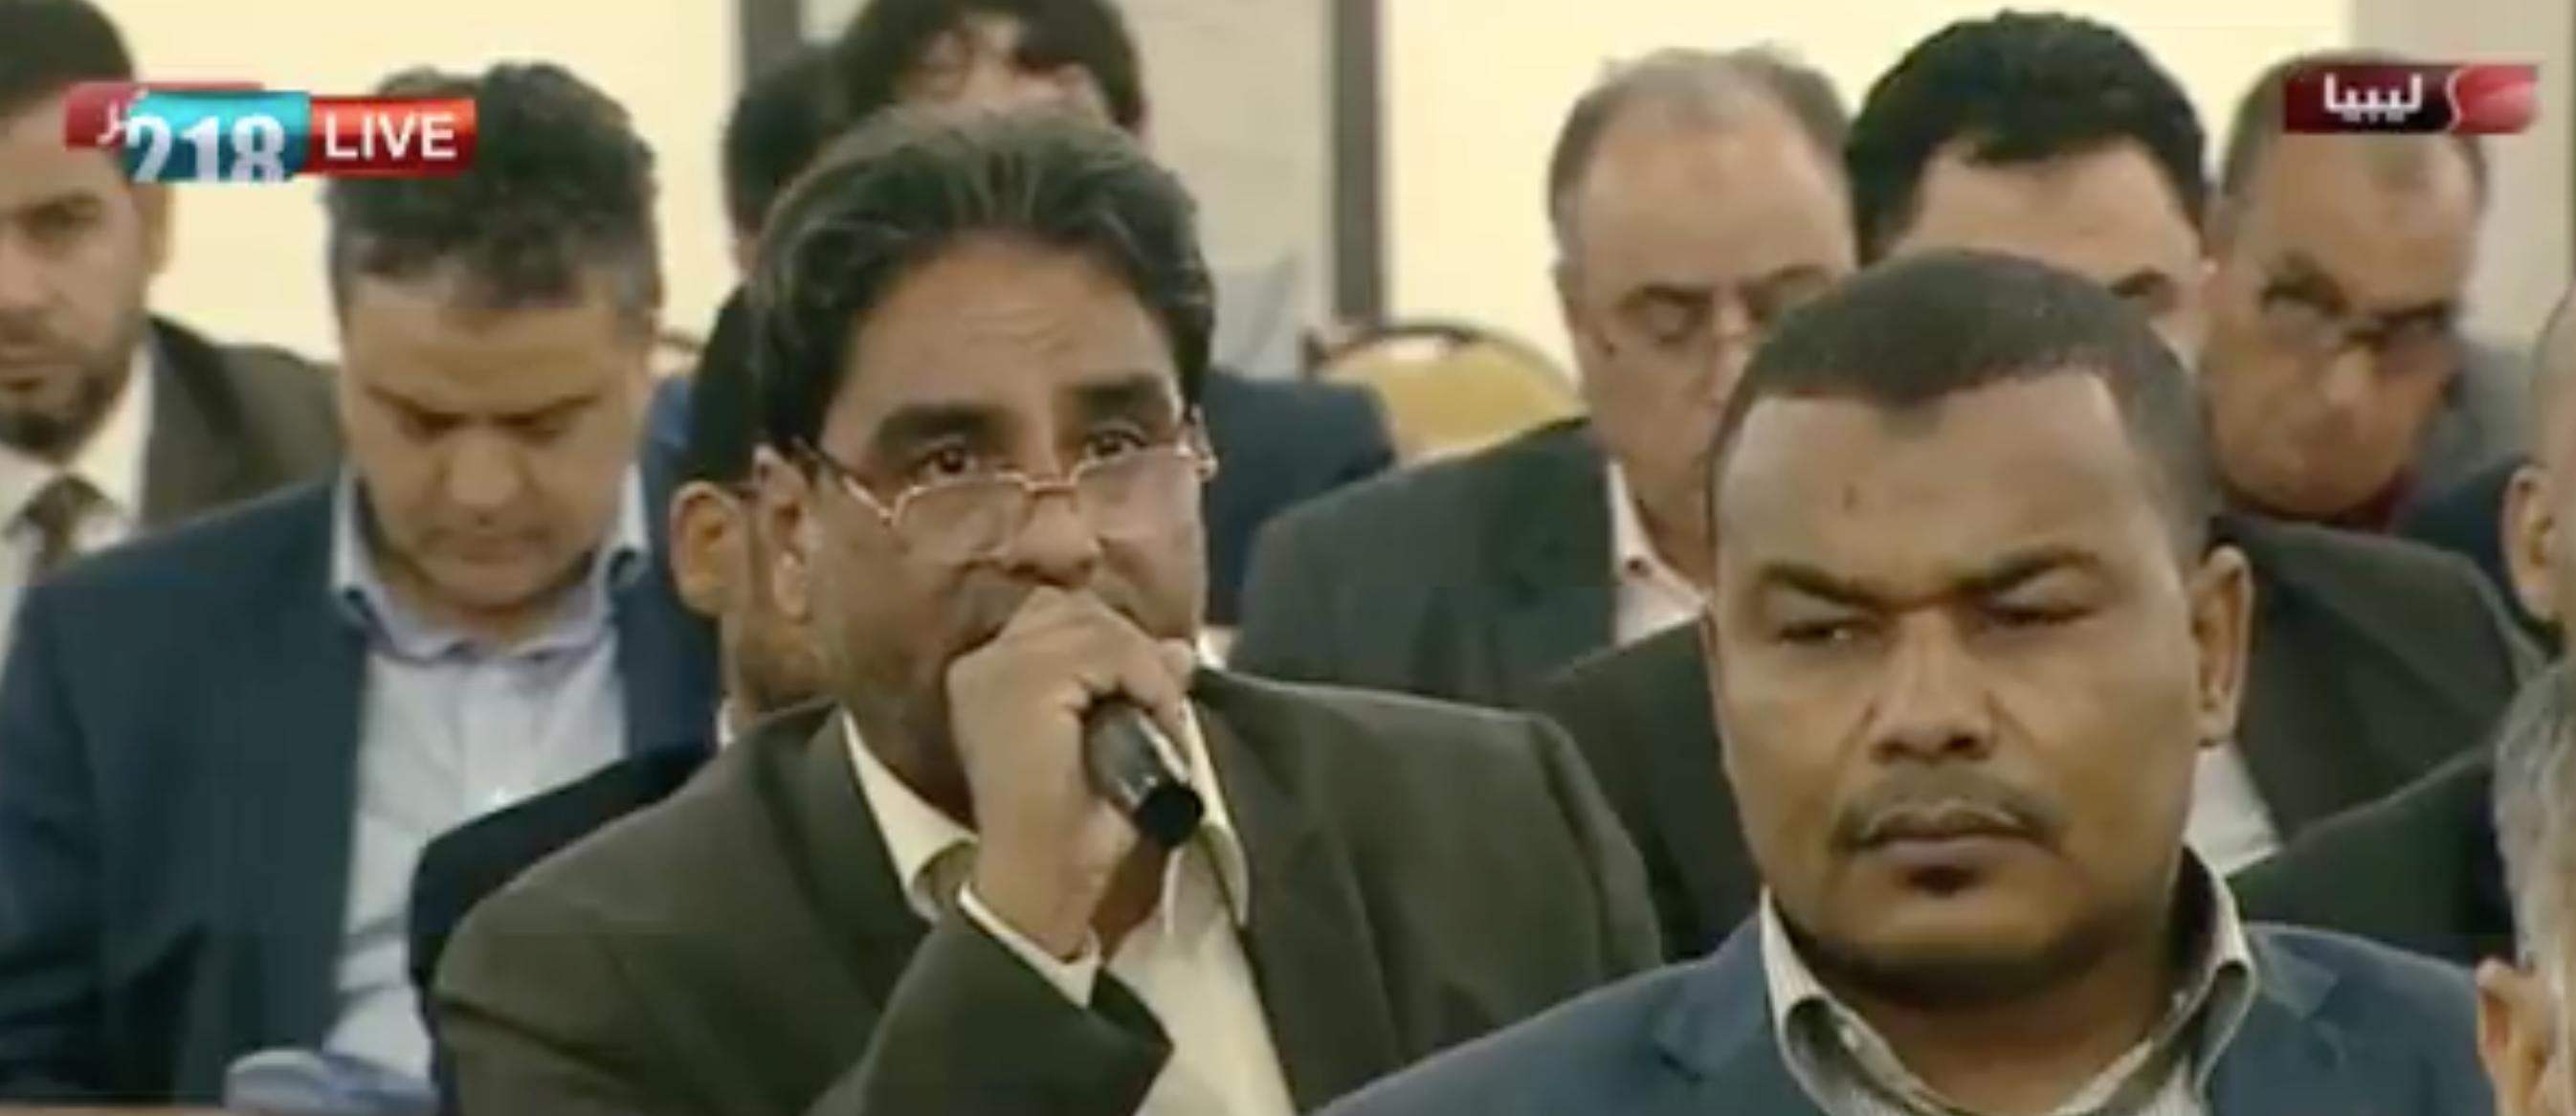 Photo of عبدالسلام نصية: نخشى من الضغوط التي قد تمارس على رئيس الوزراء